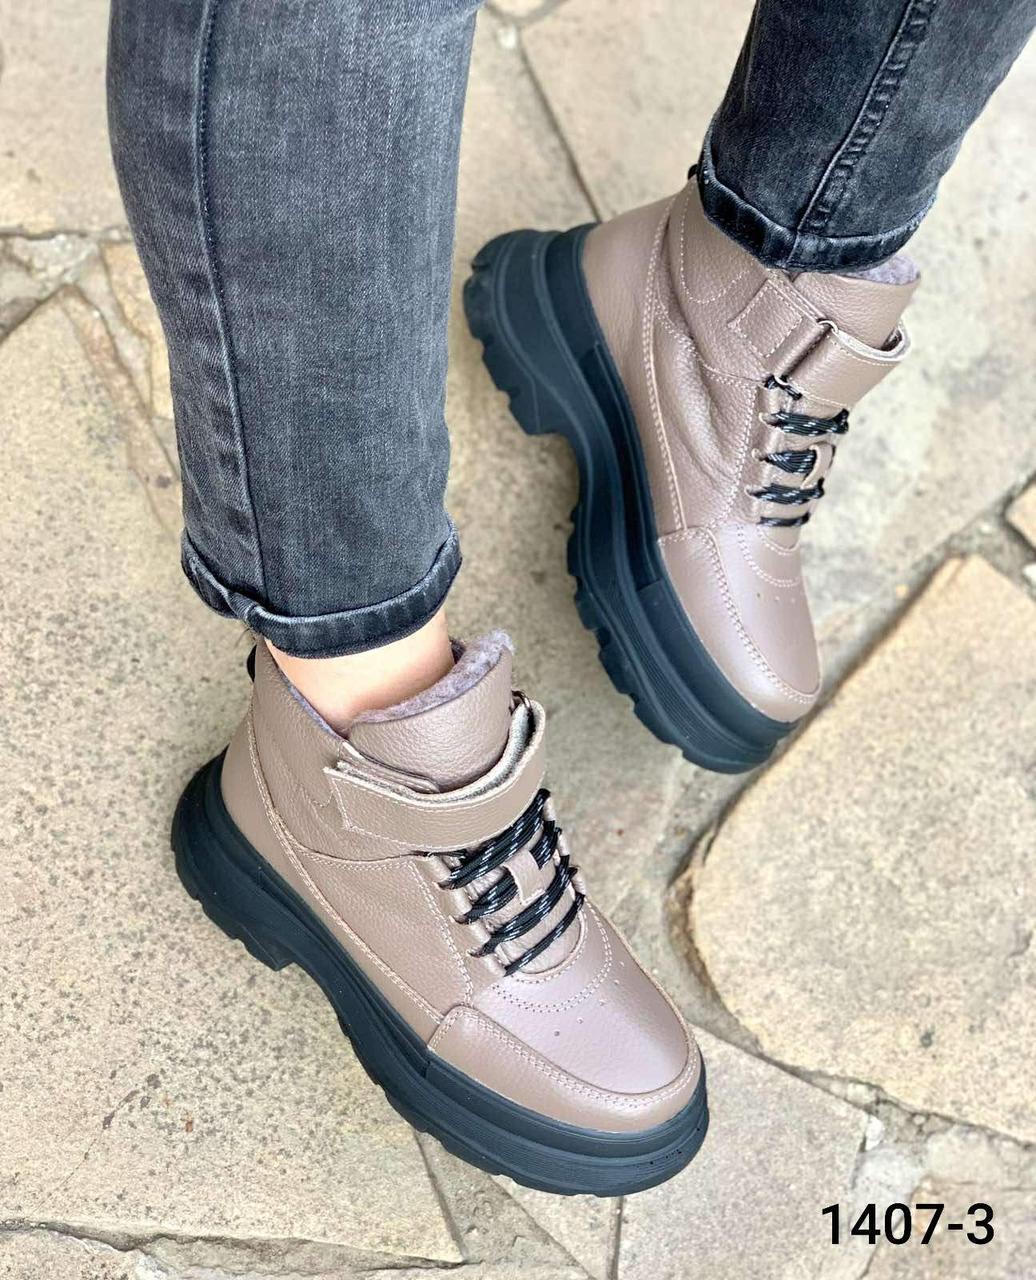 Кожаные капучино женские зимние ботинки зимние 39